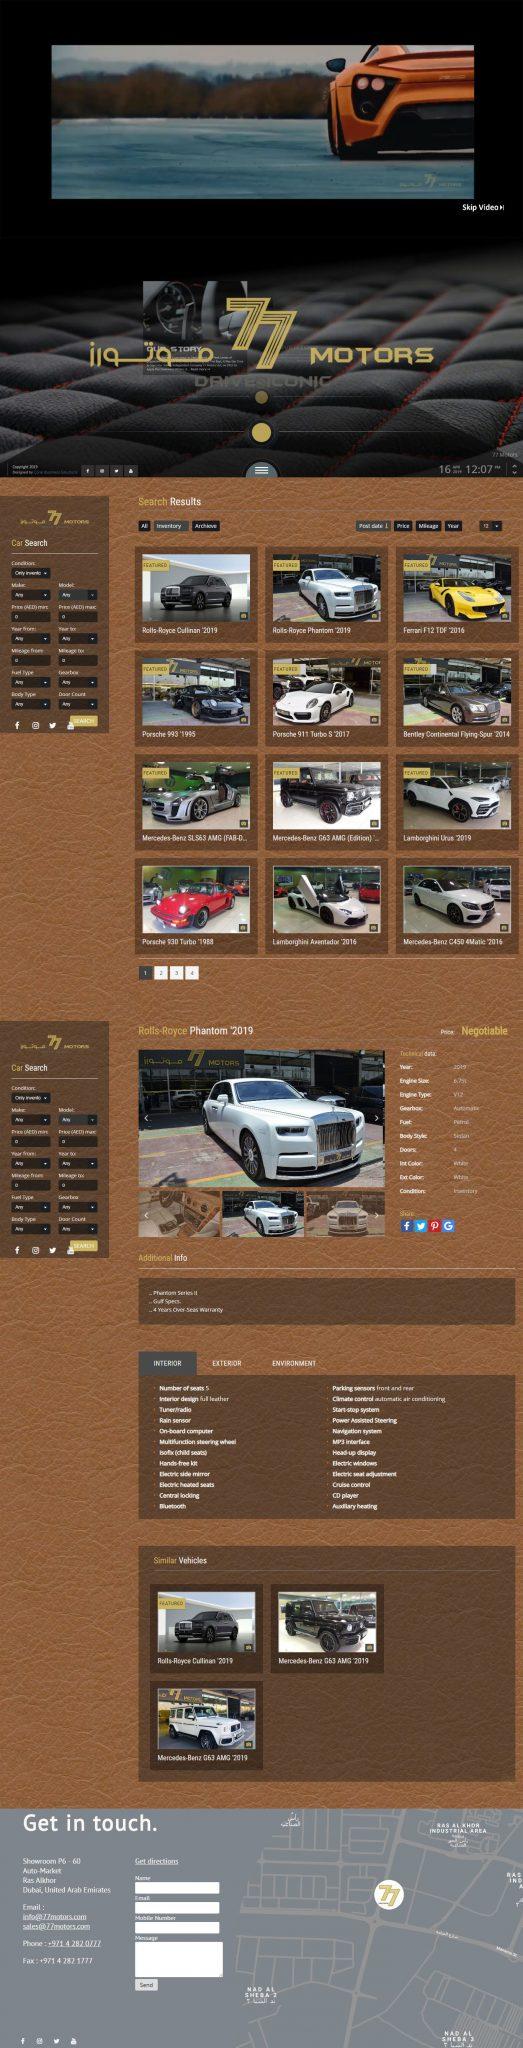 77 Motors LLC 1